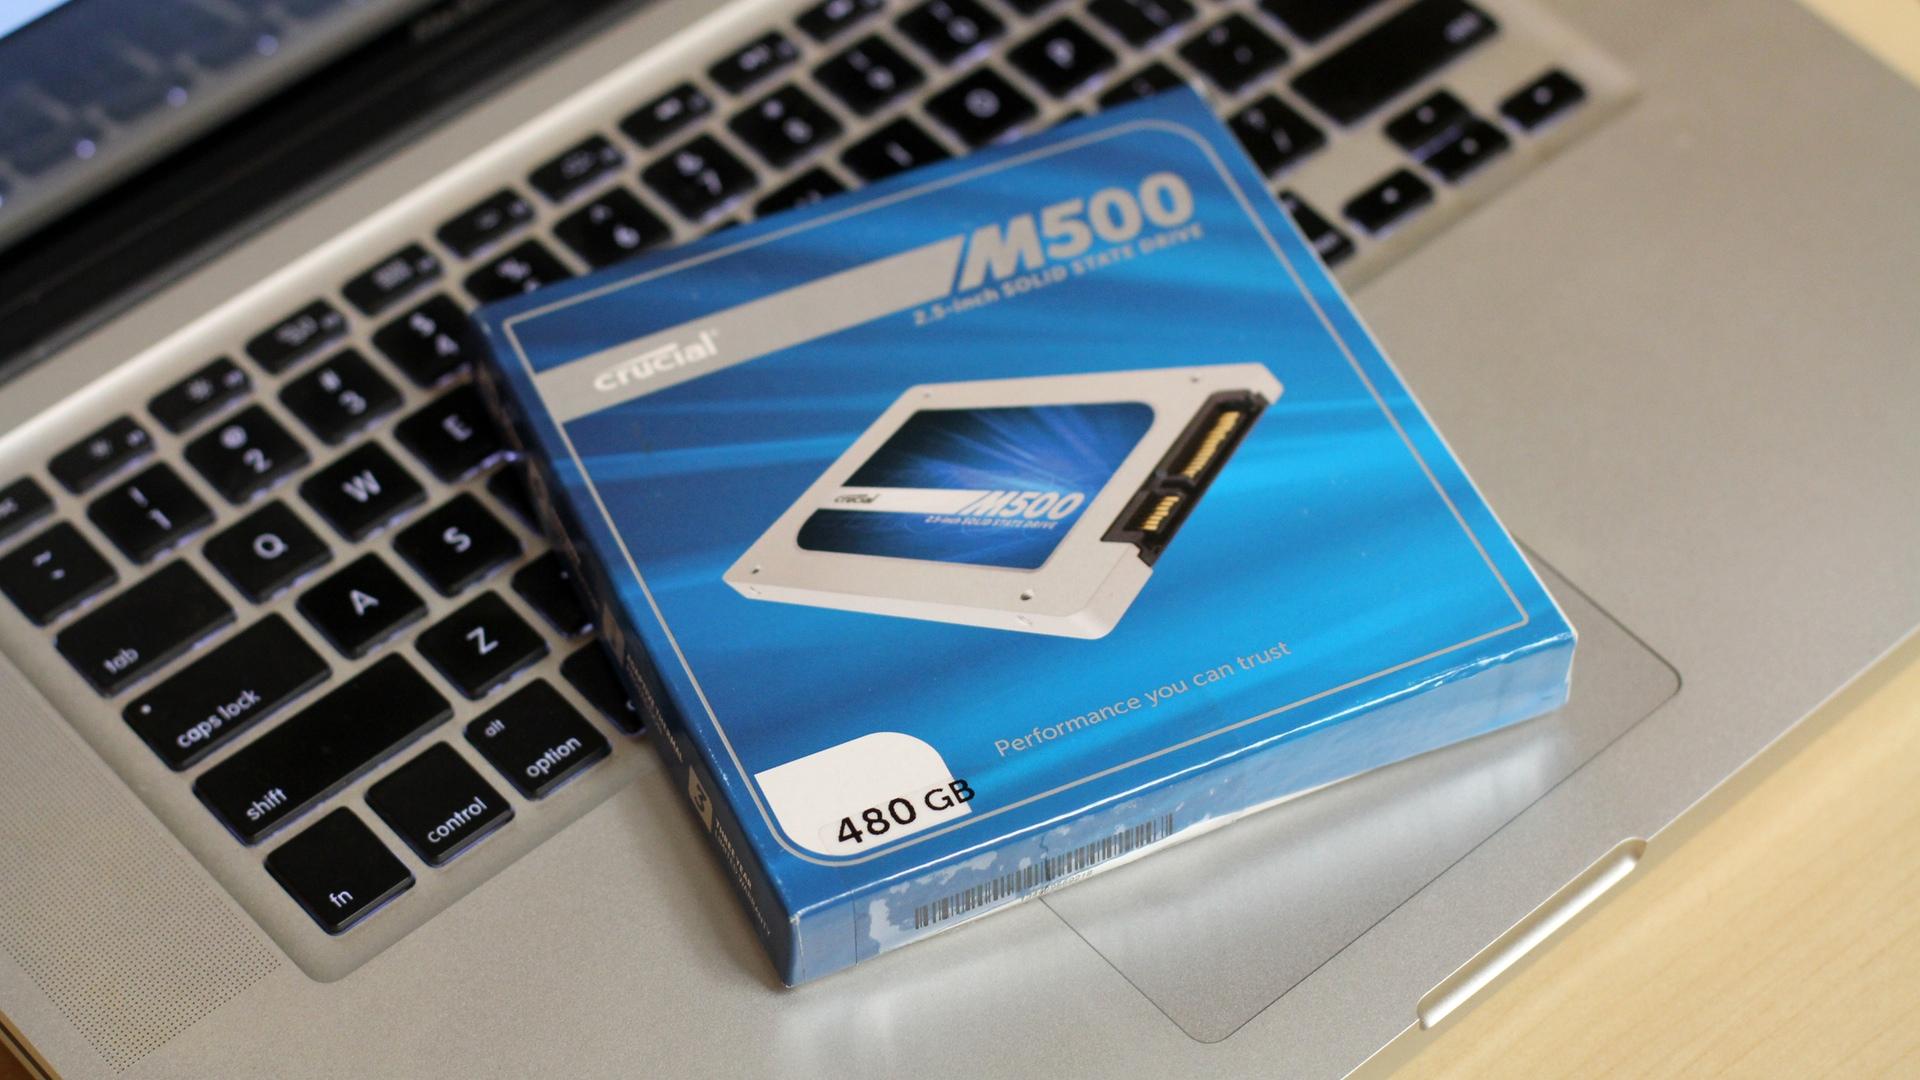 Crucial M500 SSD 480GB